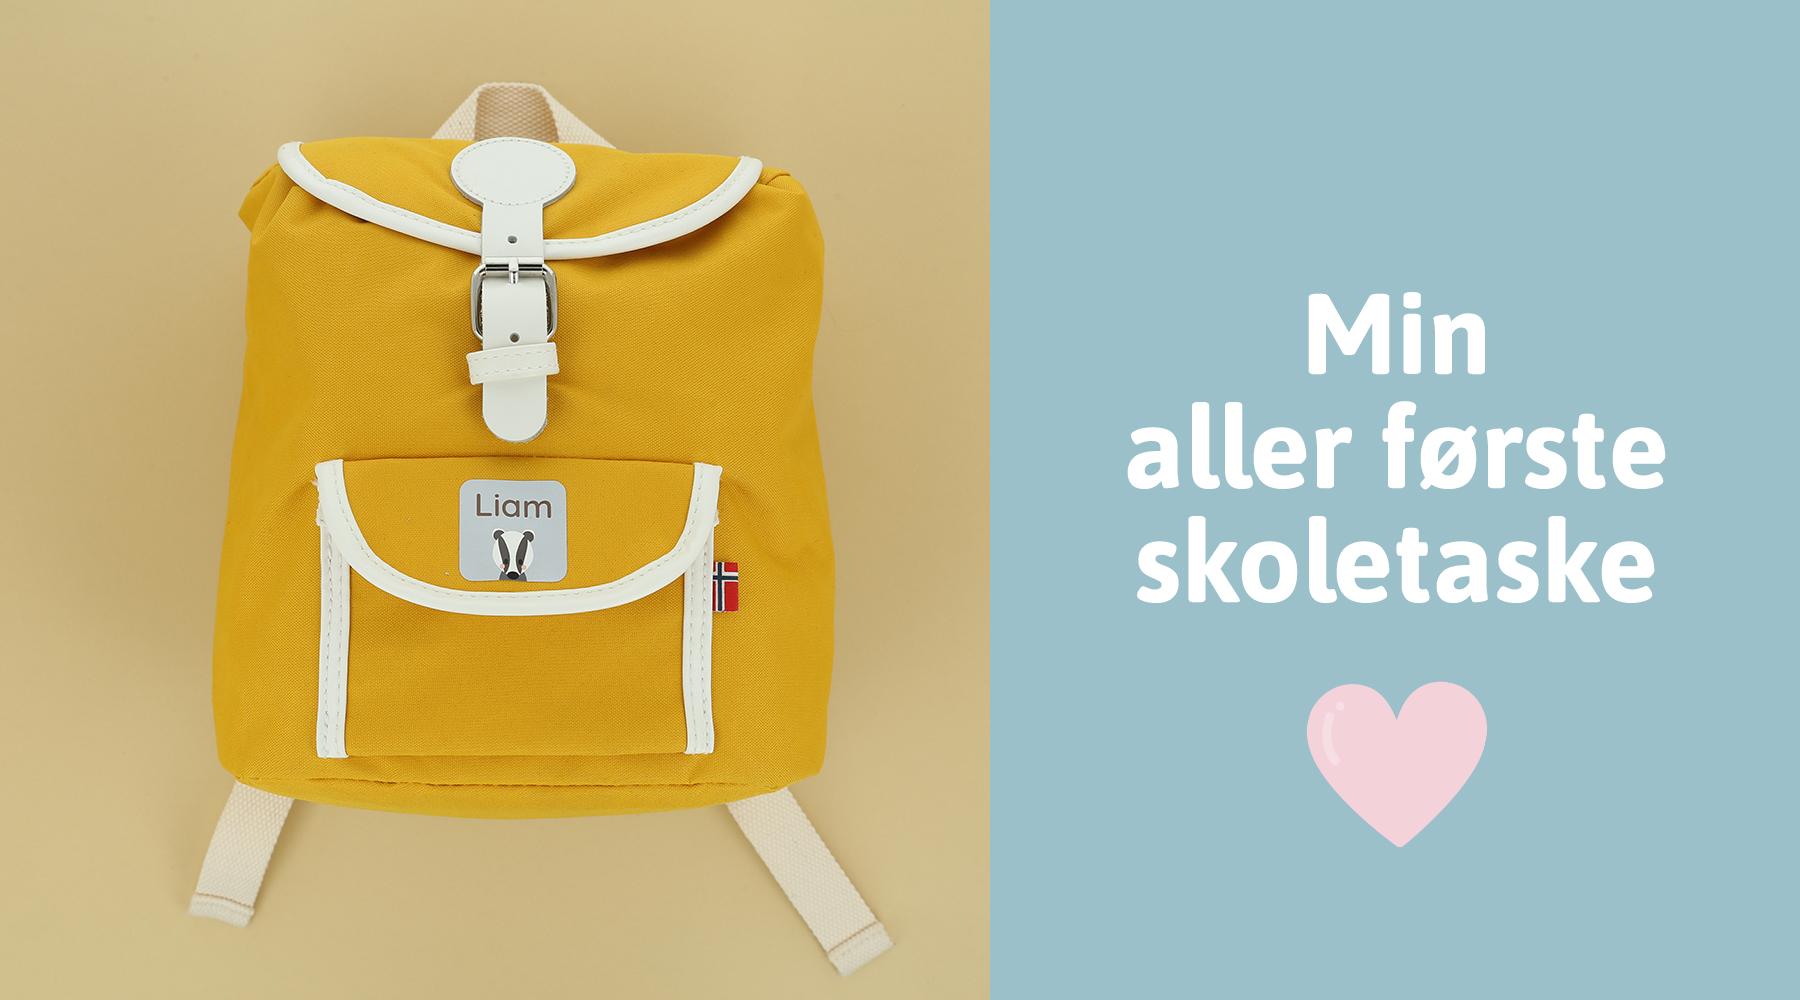 Skoletaske til børnehaveklassen